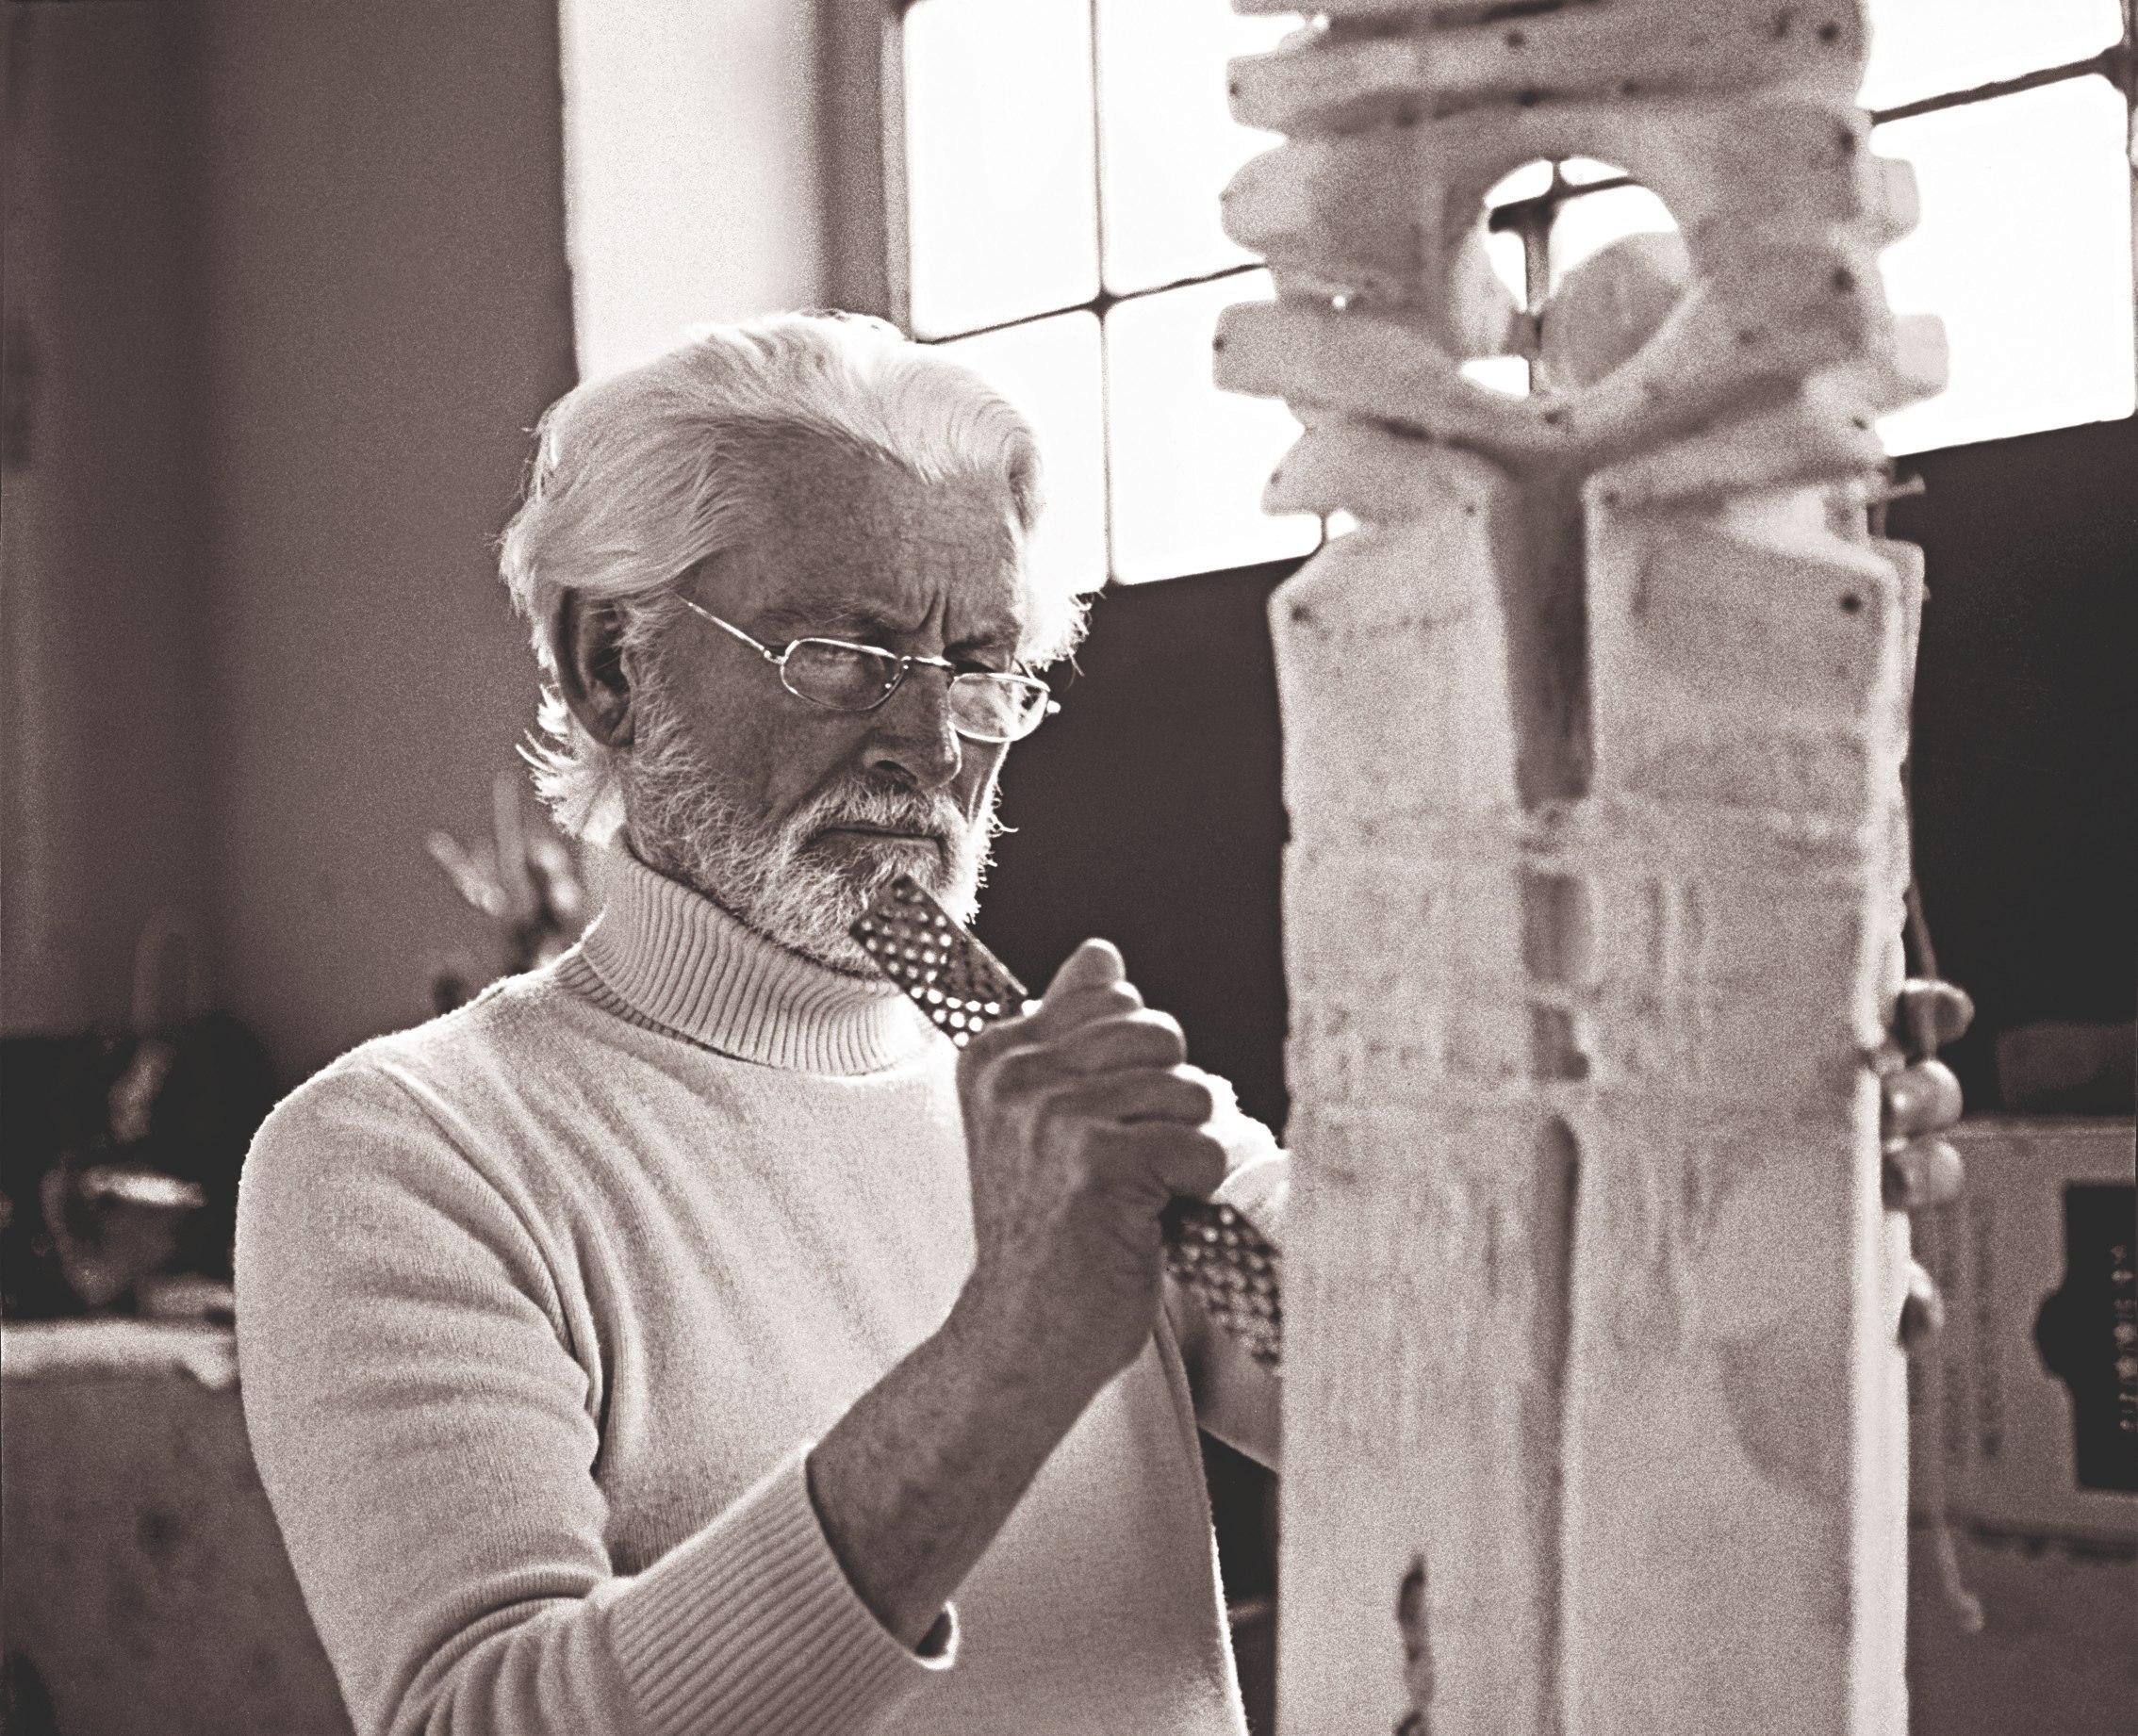 TREKKING DELL'ARTISTA – Alla scoperta di Jorio Vivarelli